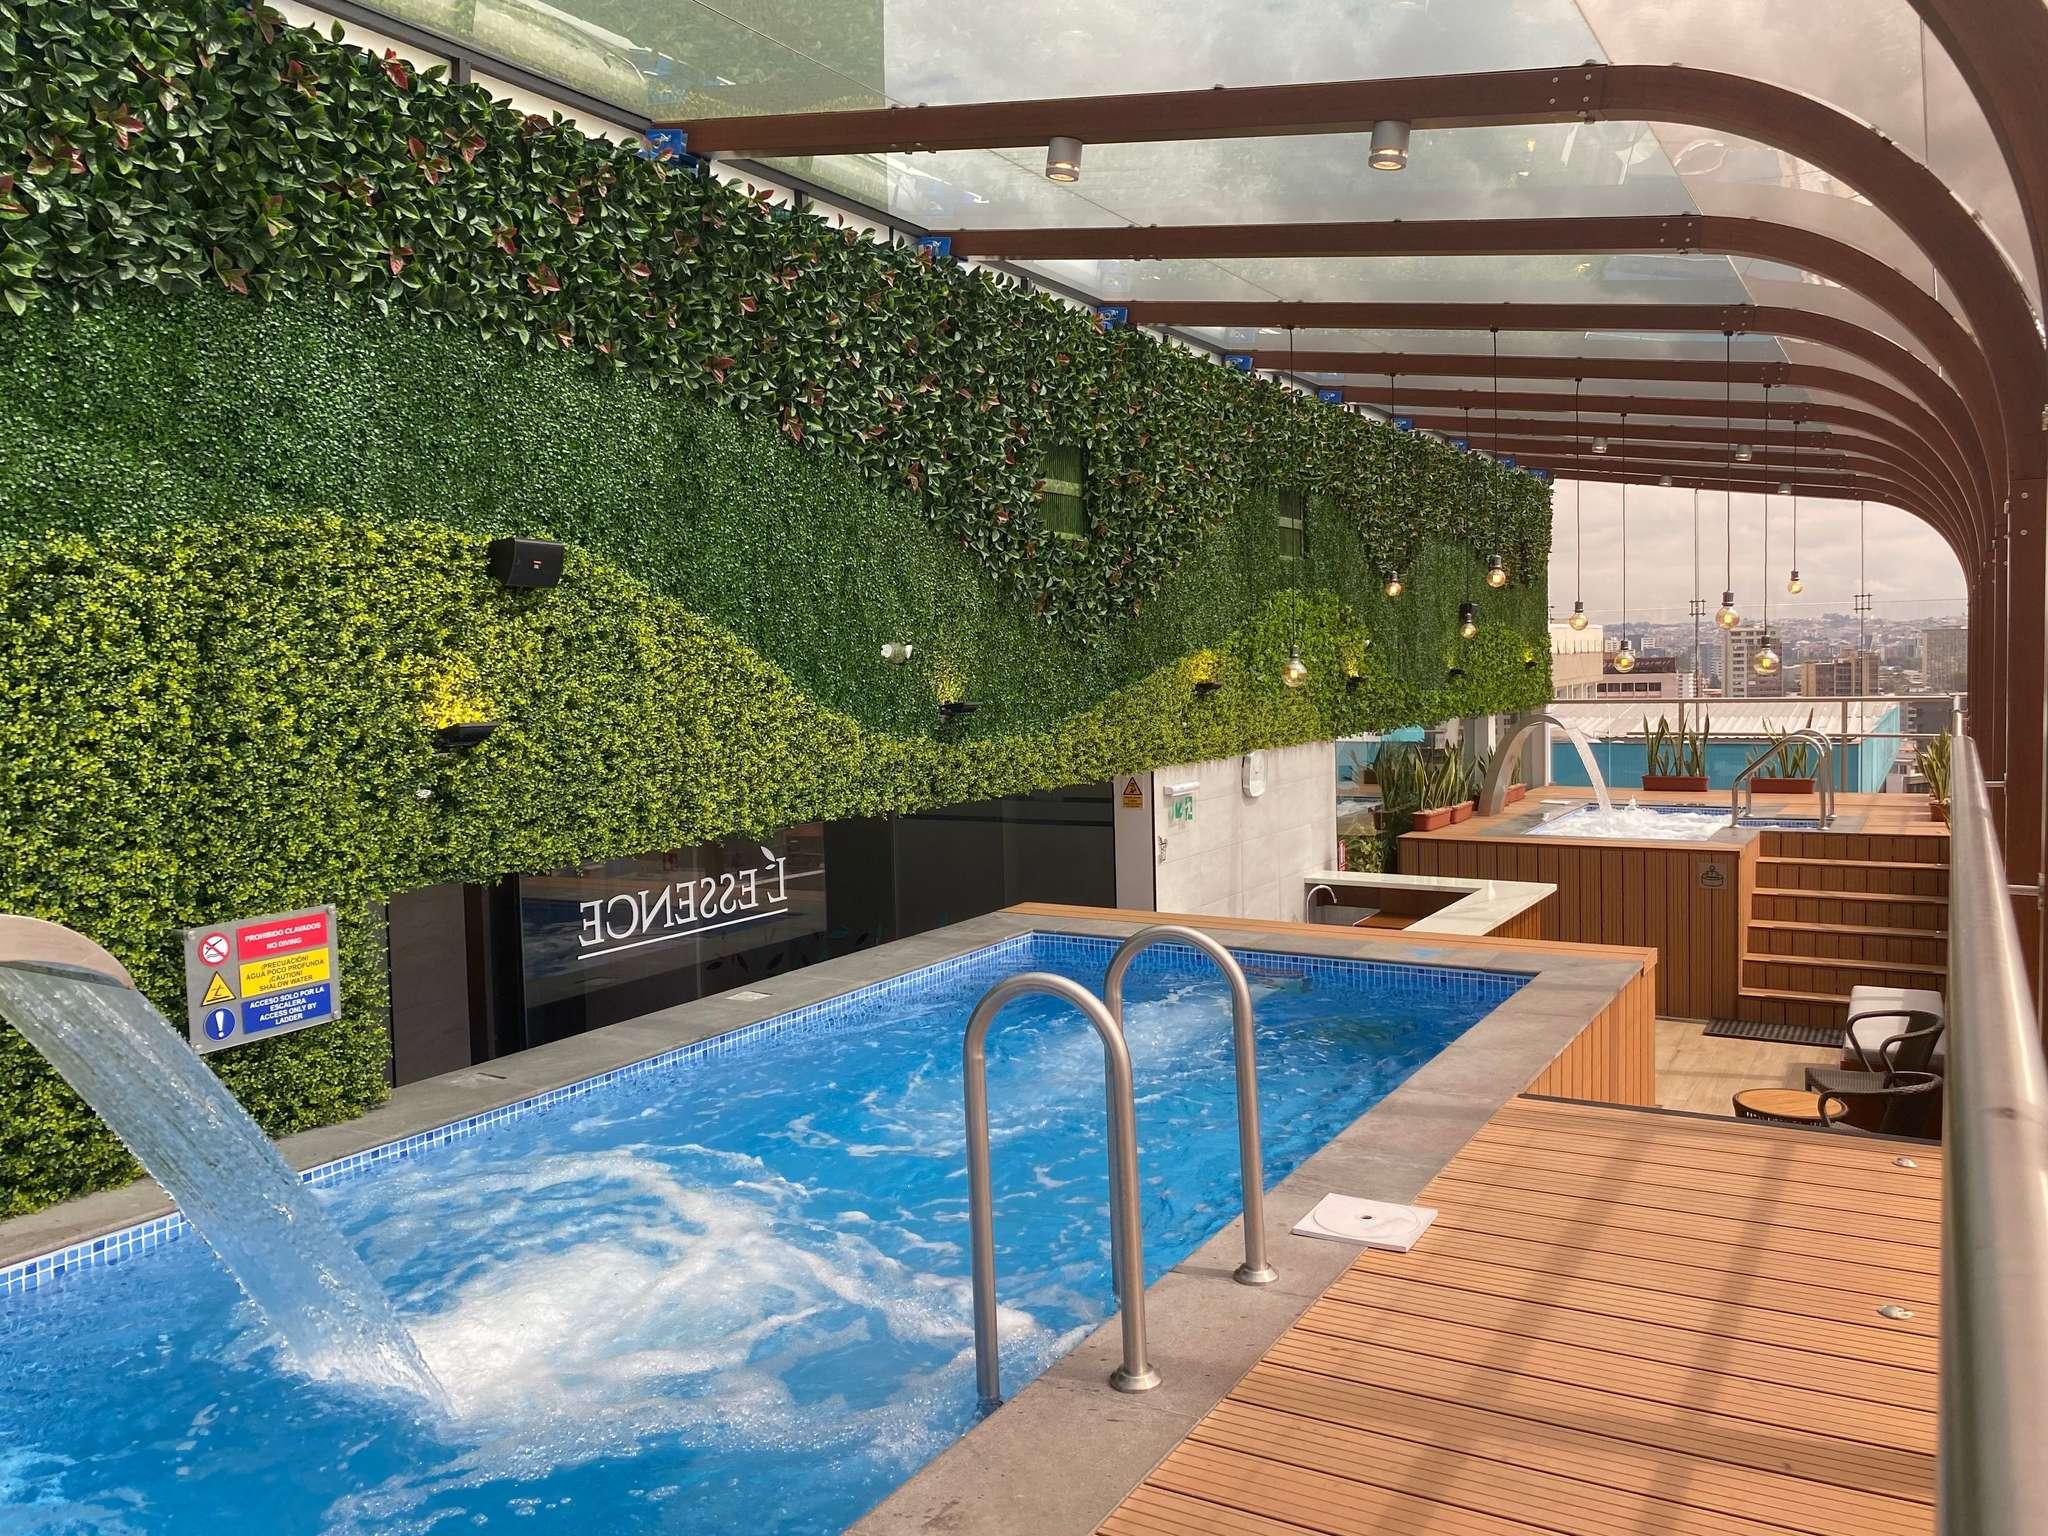 酒店 – 阿拉梅达基多美居酒店